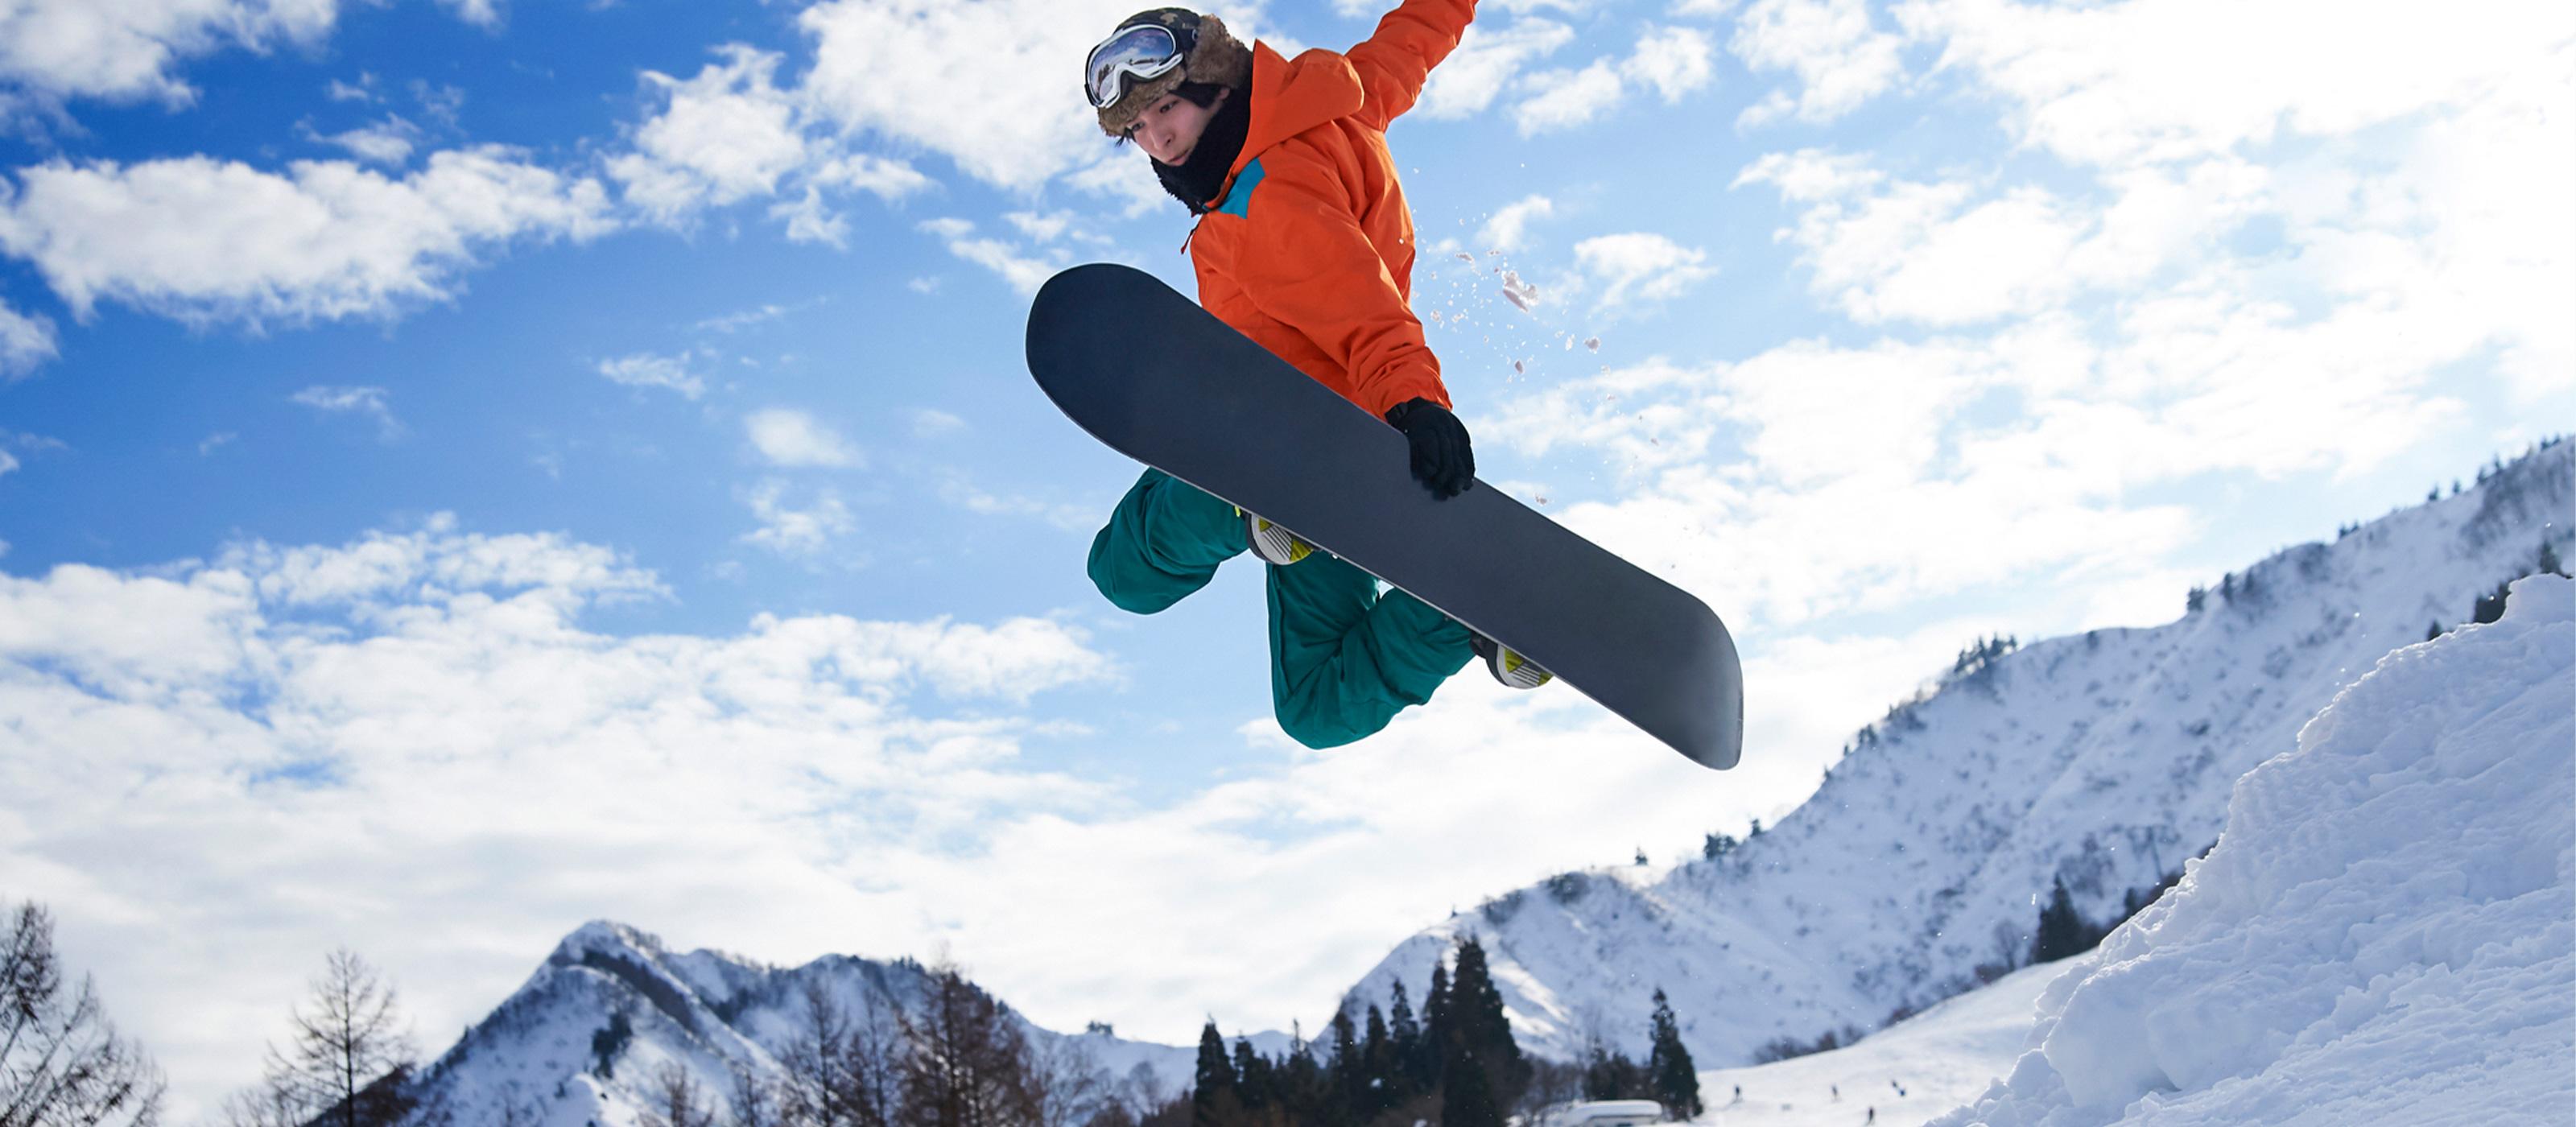 スノーボード&スキーツアー